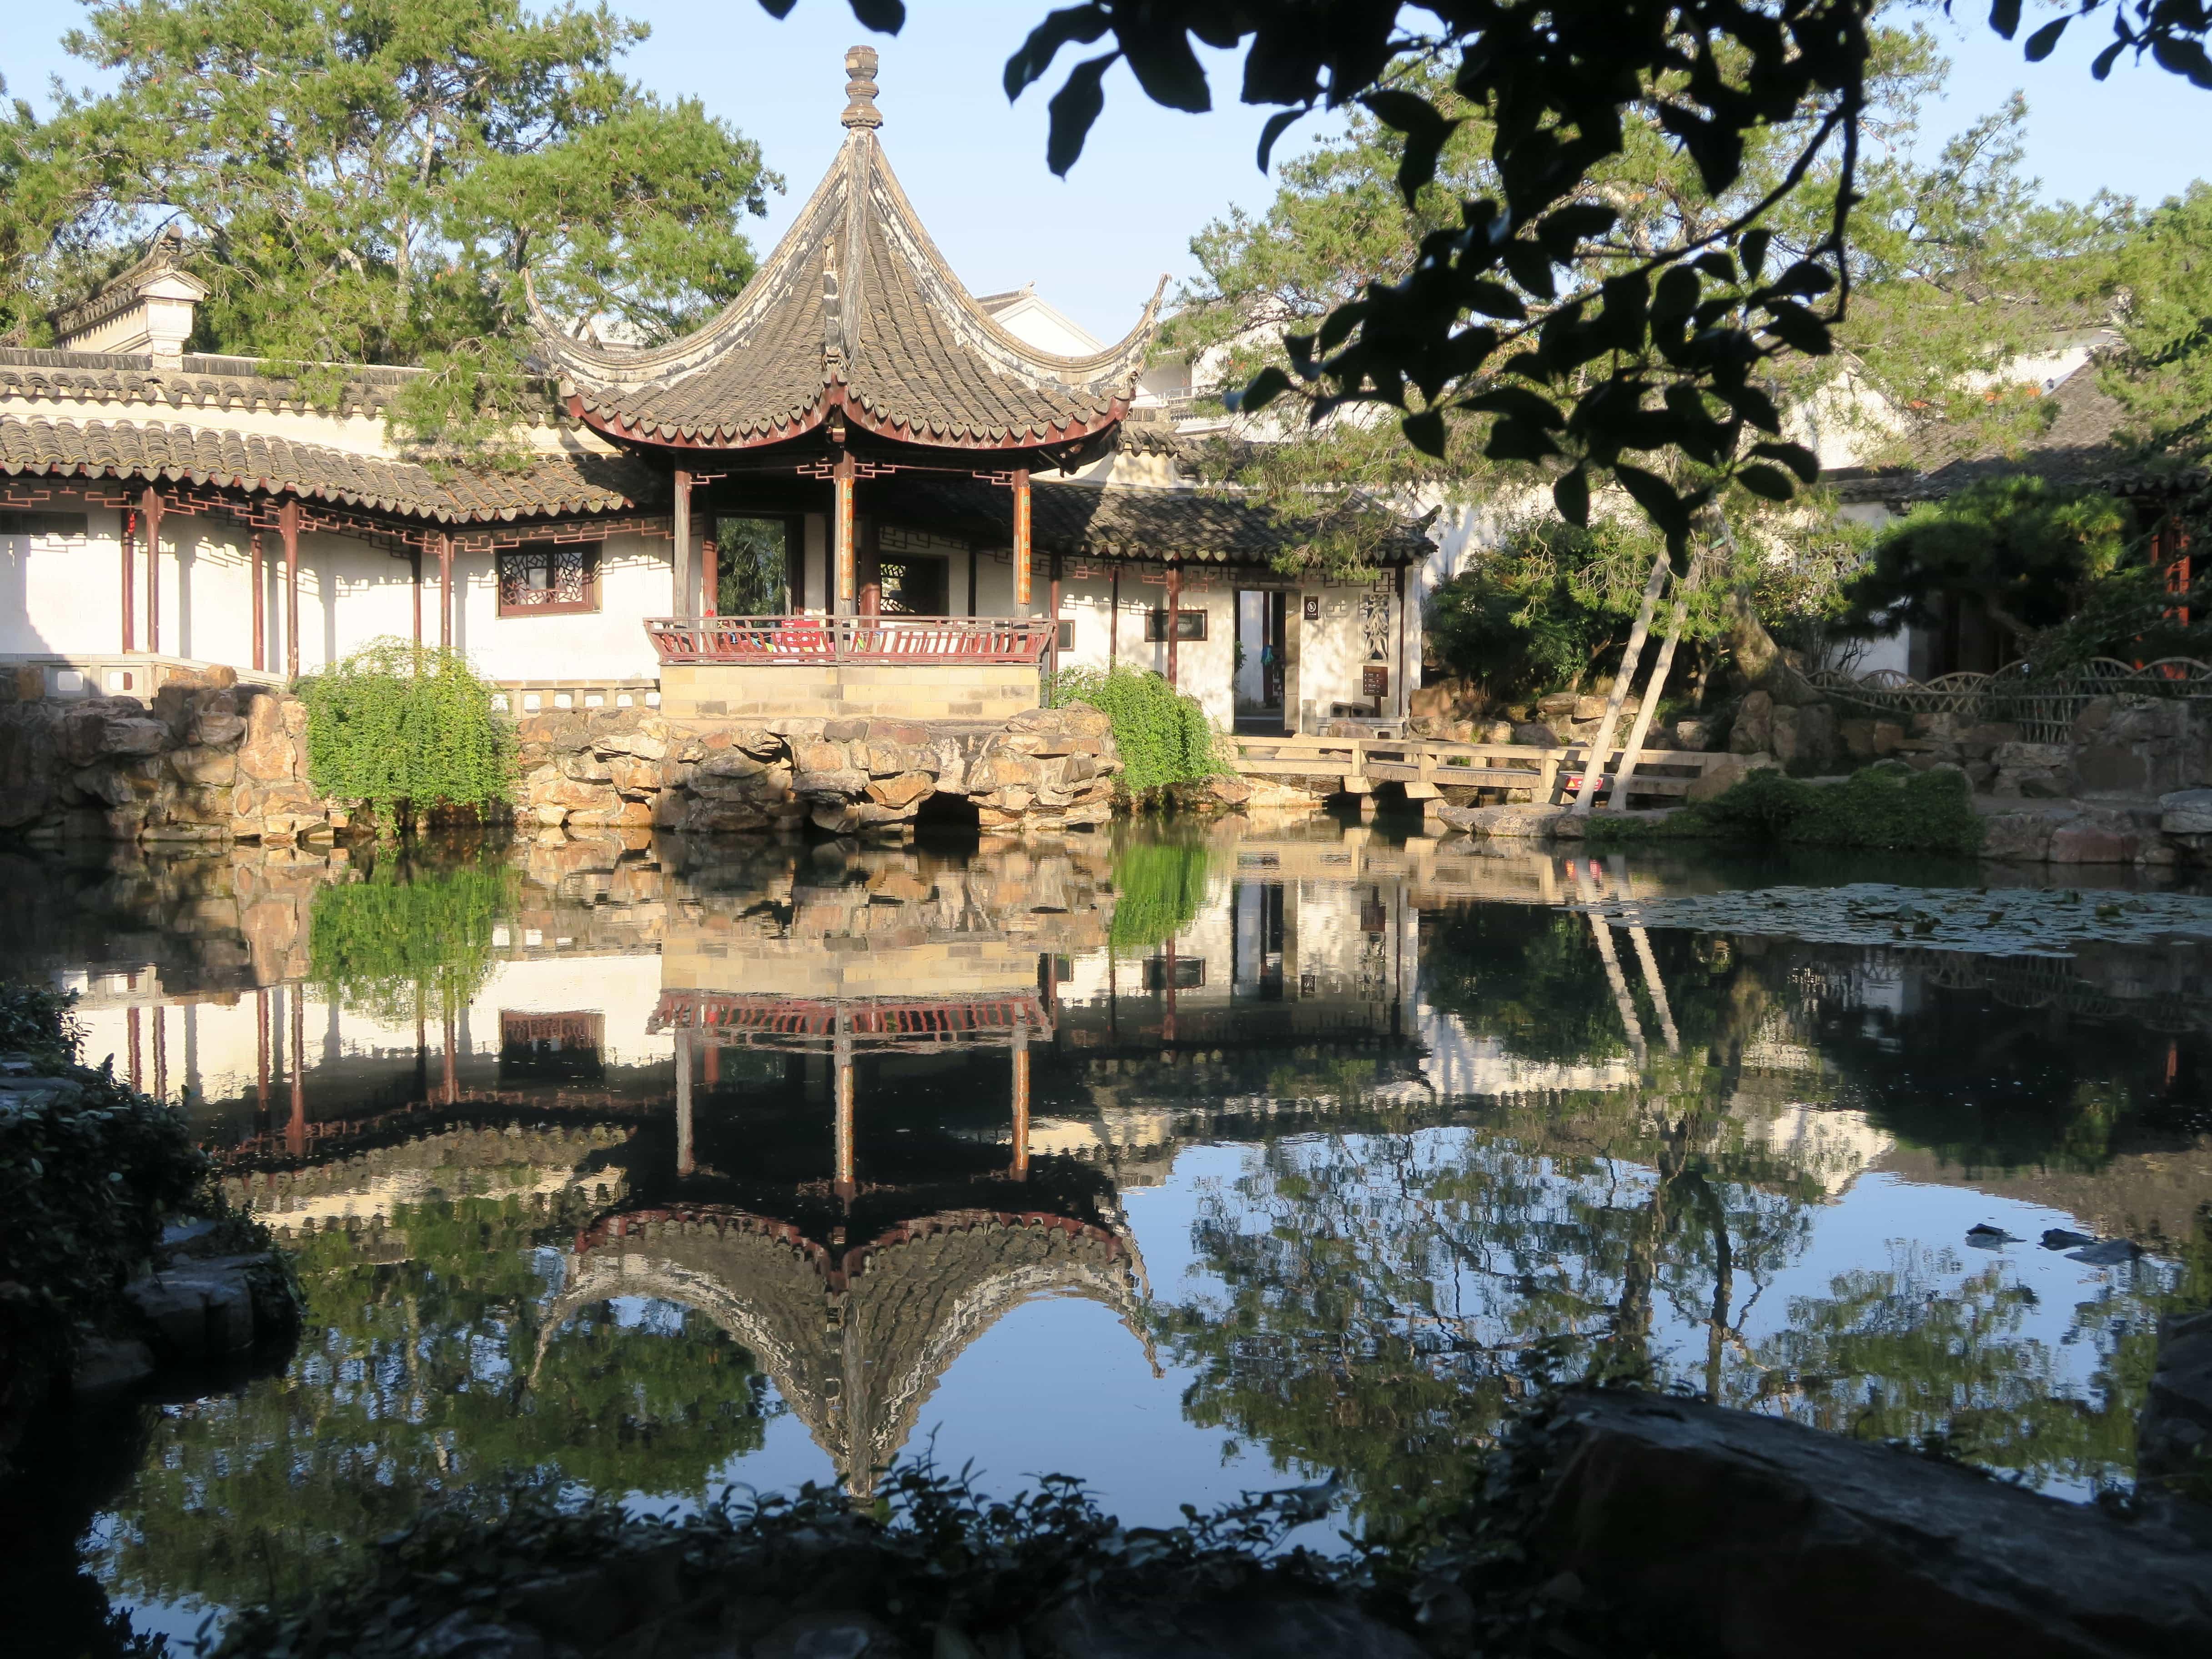 Pavillon am Fuße eines Sees mit Spiegelung der Landschaft